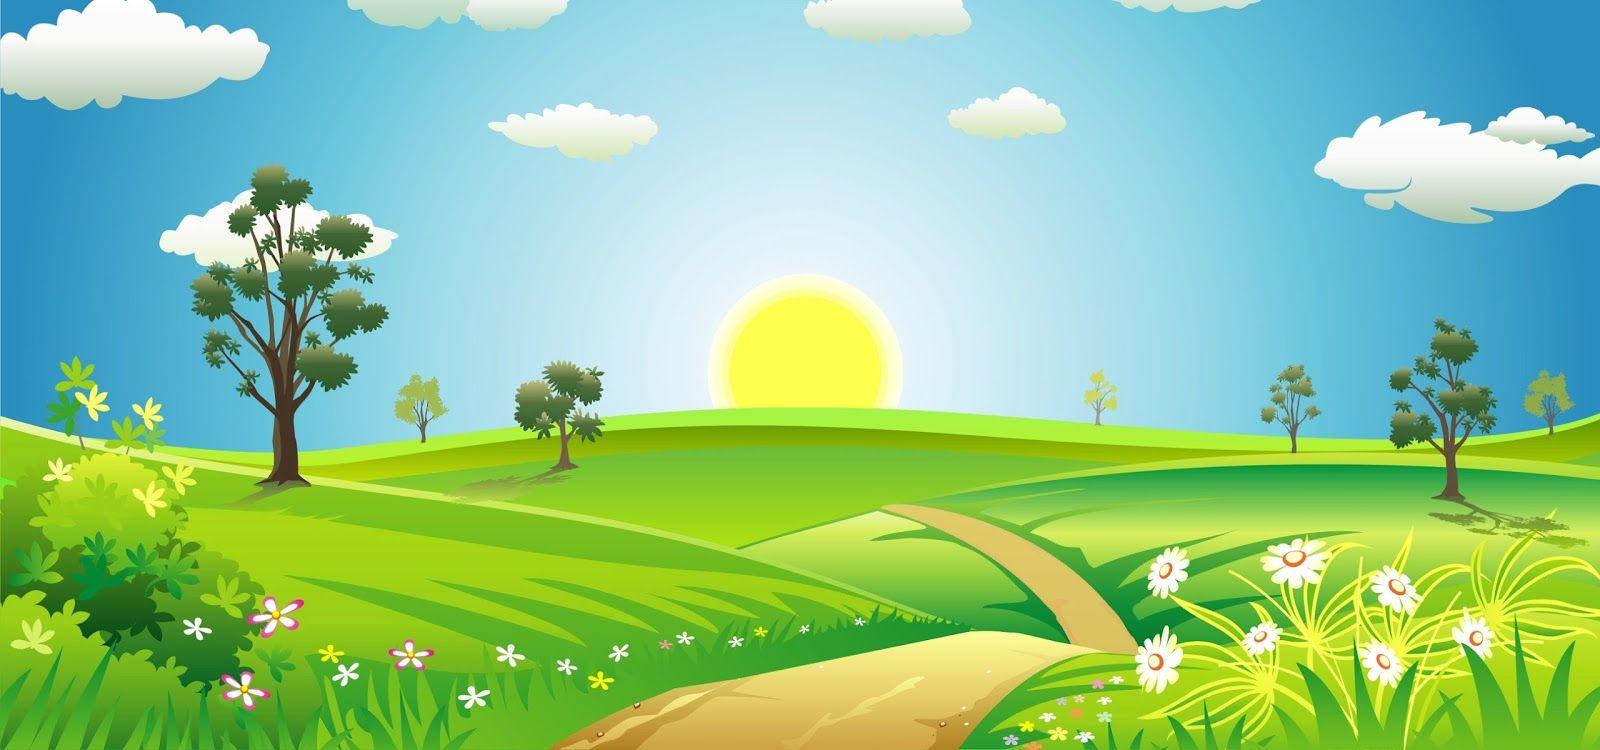 Картинка для детей лесная поляна солнечный день